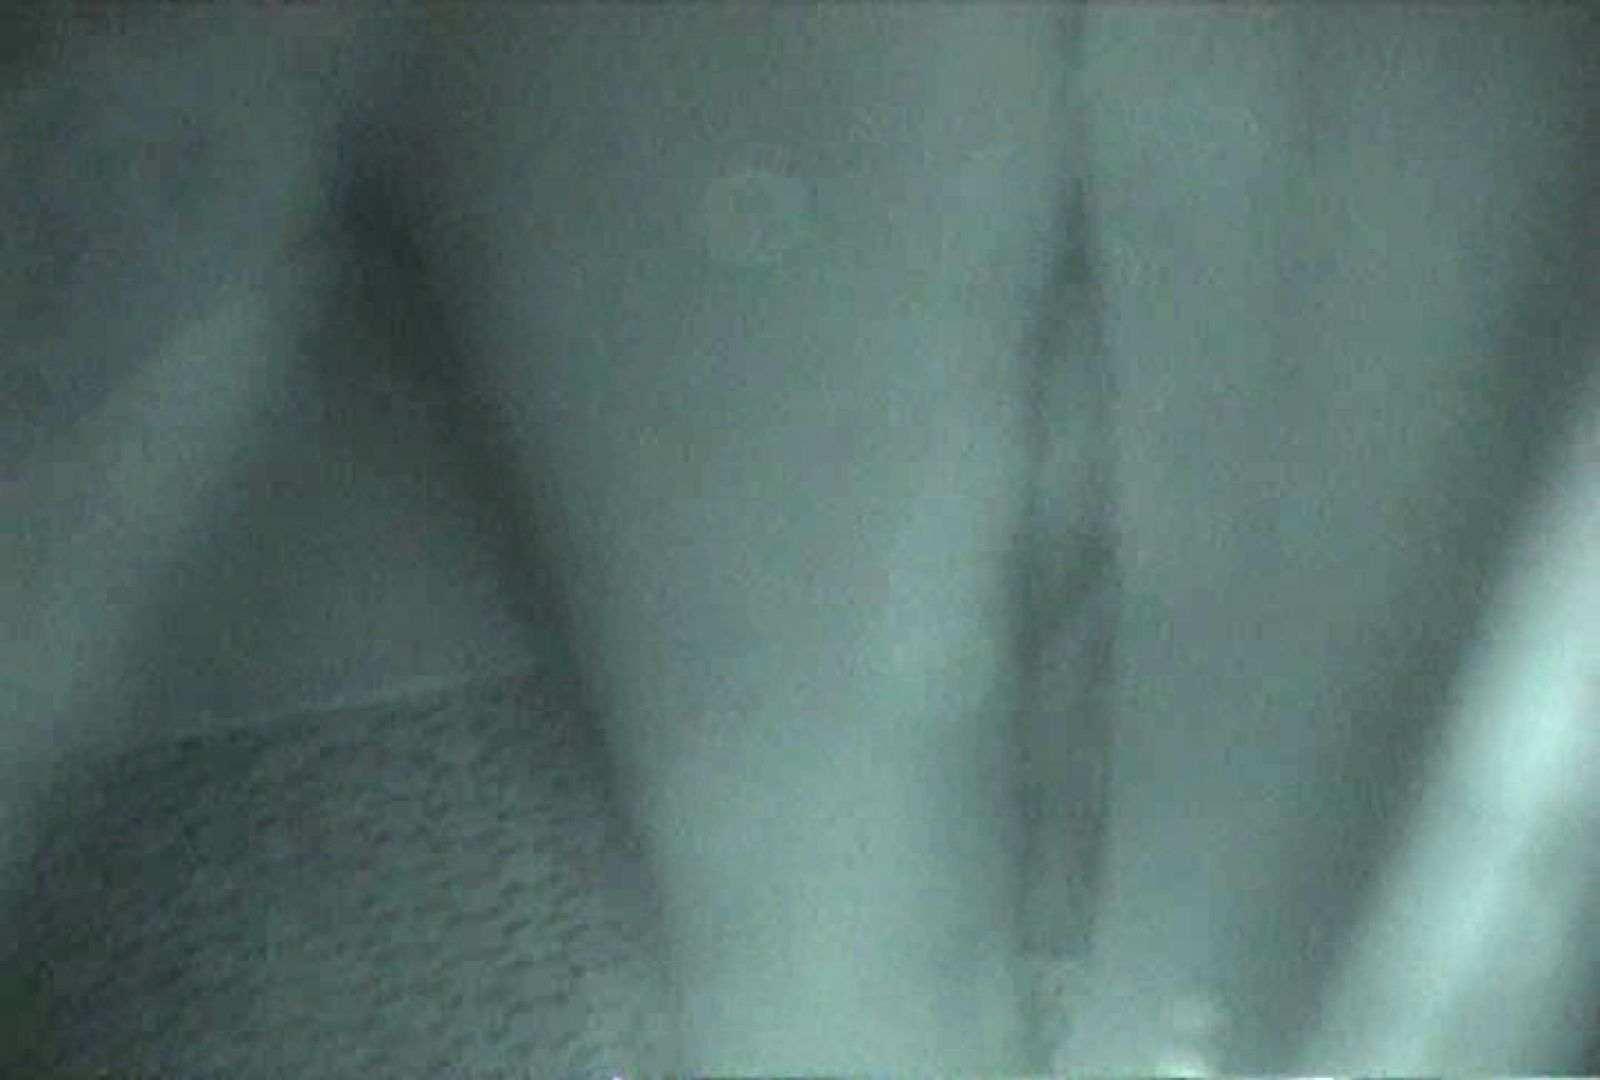 「充血監督」さんの深夜の運動会!! vol.060 セックス流出映像 オマンコ無修正動画無料 81連発 24